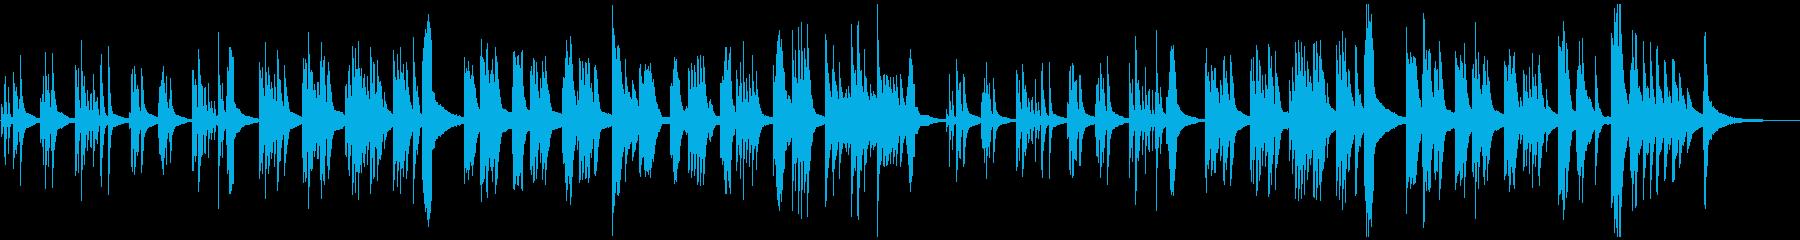 静かなピアノ・ソロ 森 木漏れ日の再生済みの波形